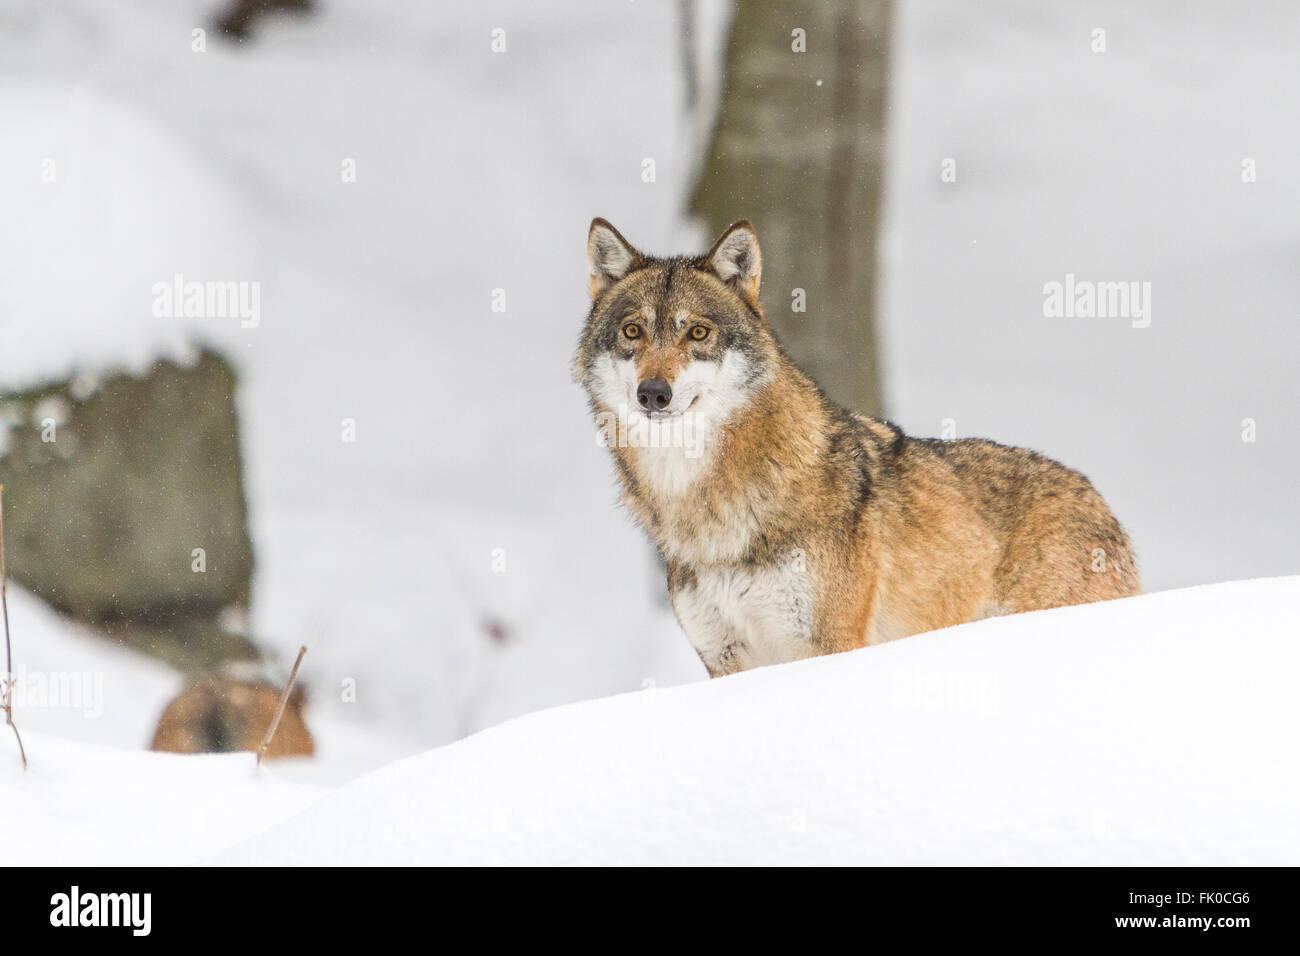 Asustados y heridos Unión lobo gris (Canis lupus lupus)en la nieve, en Alemania, el parque nacional del bosque Imagen De Stock